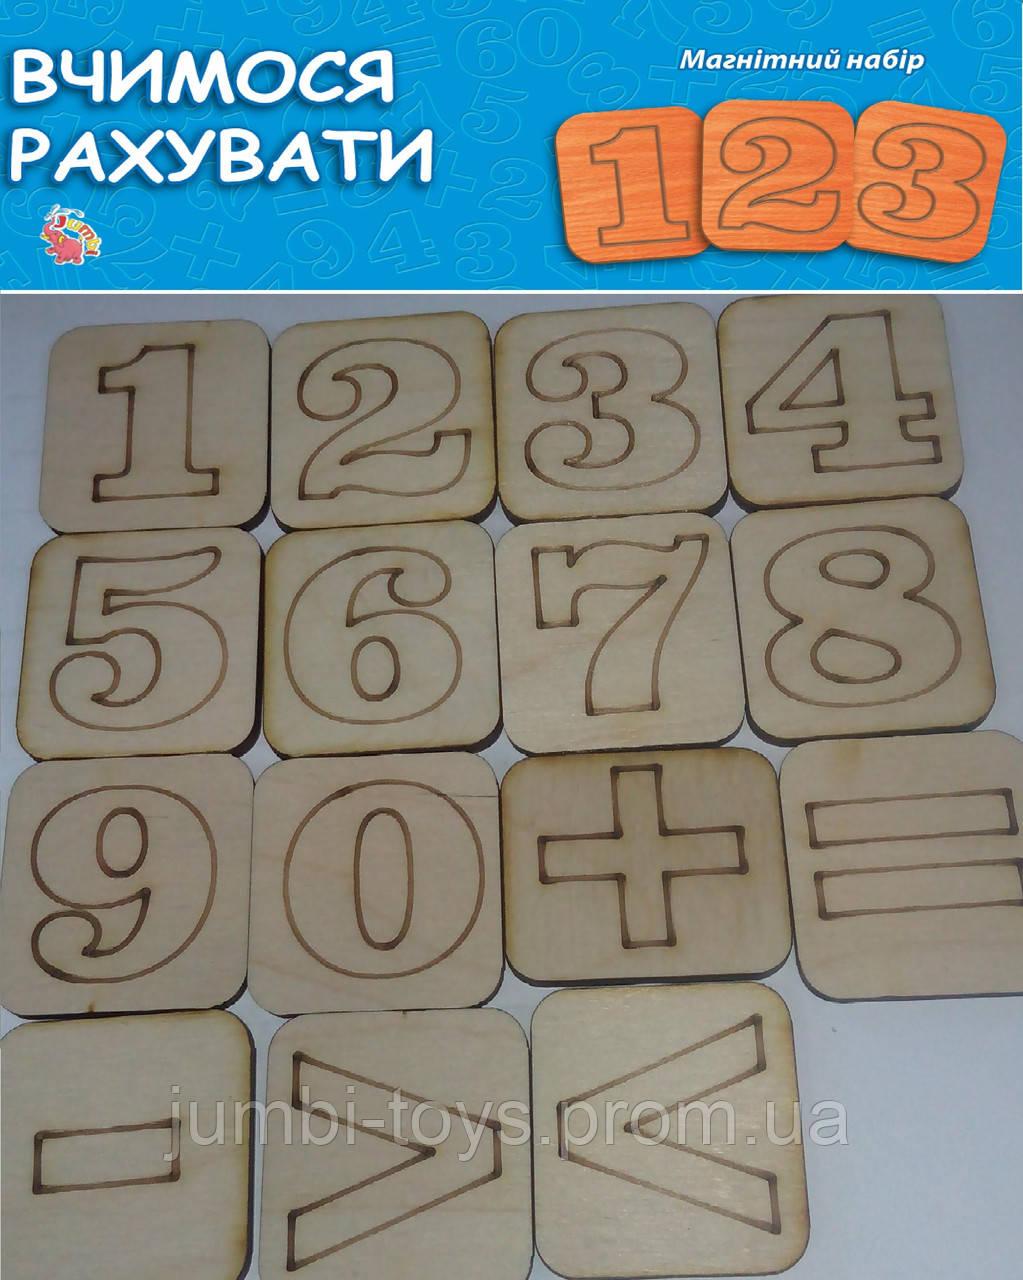 Дерев'яна іграшка: Вчимося рахувати Цифри на магнітах (у)